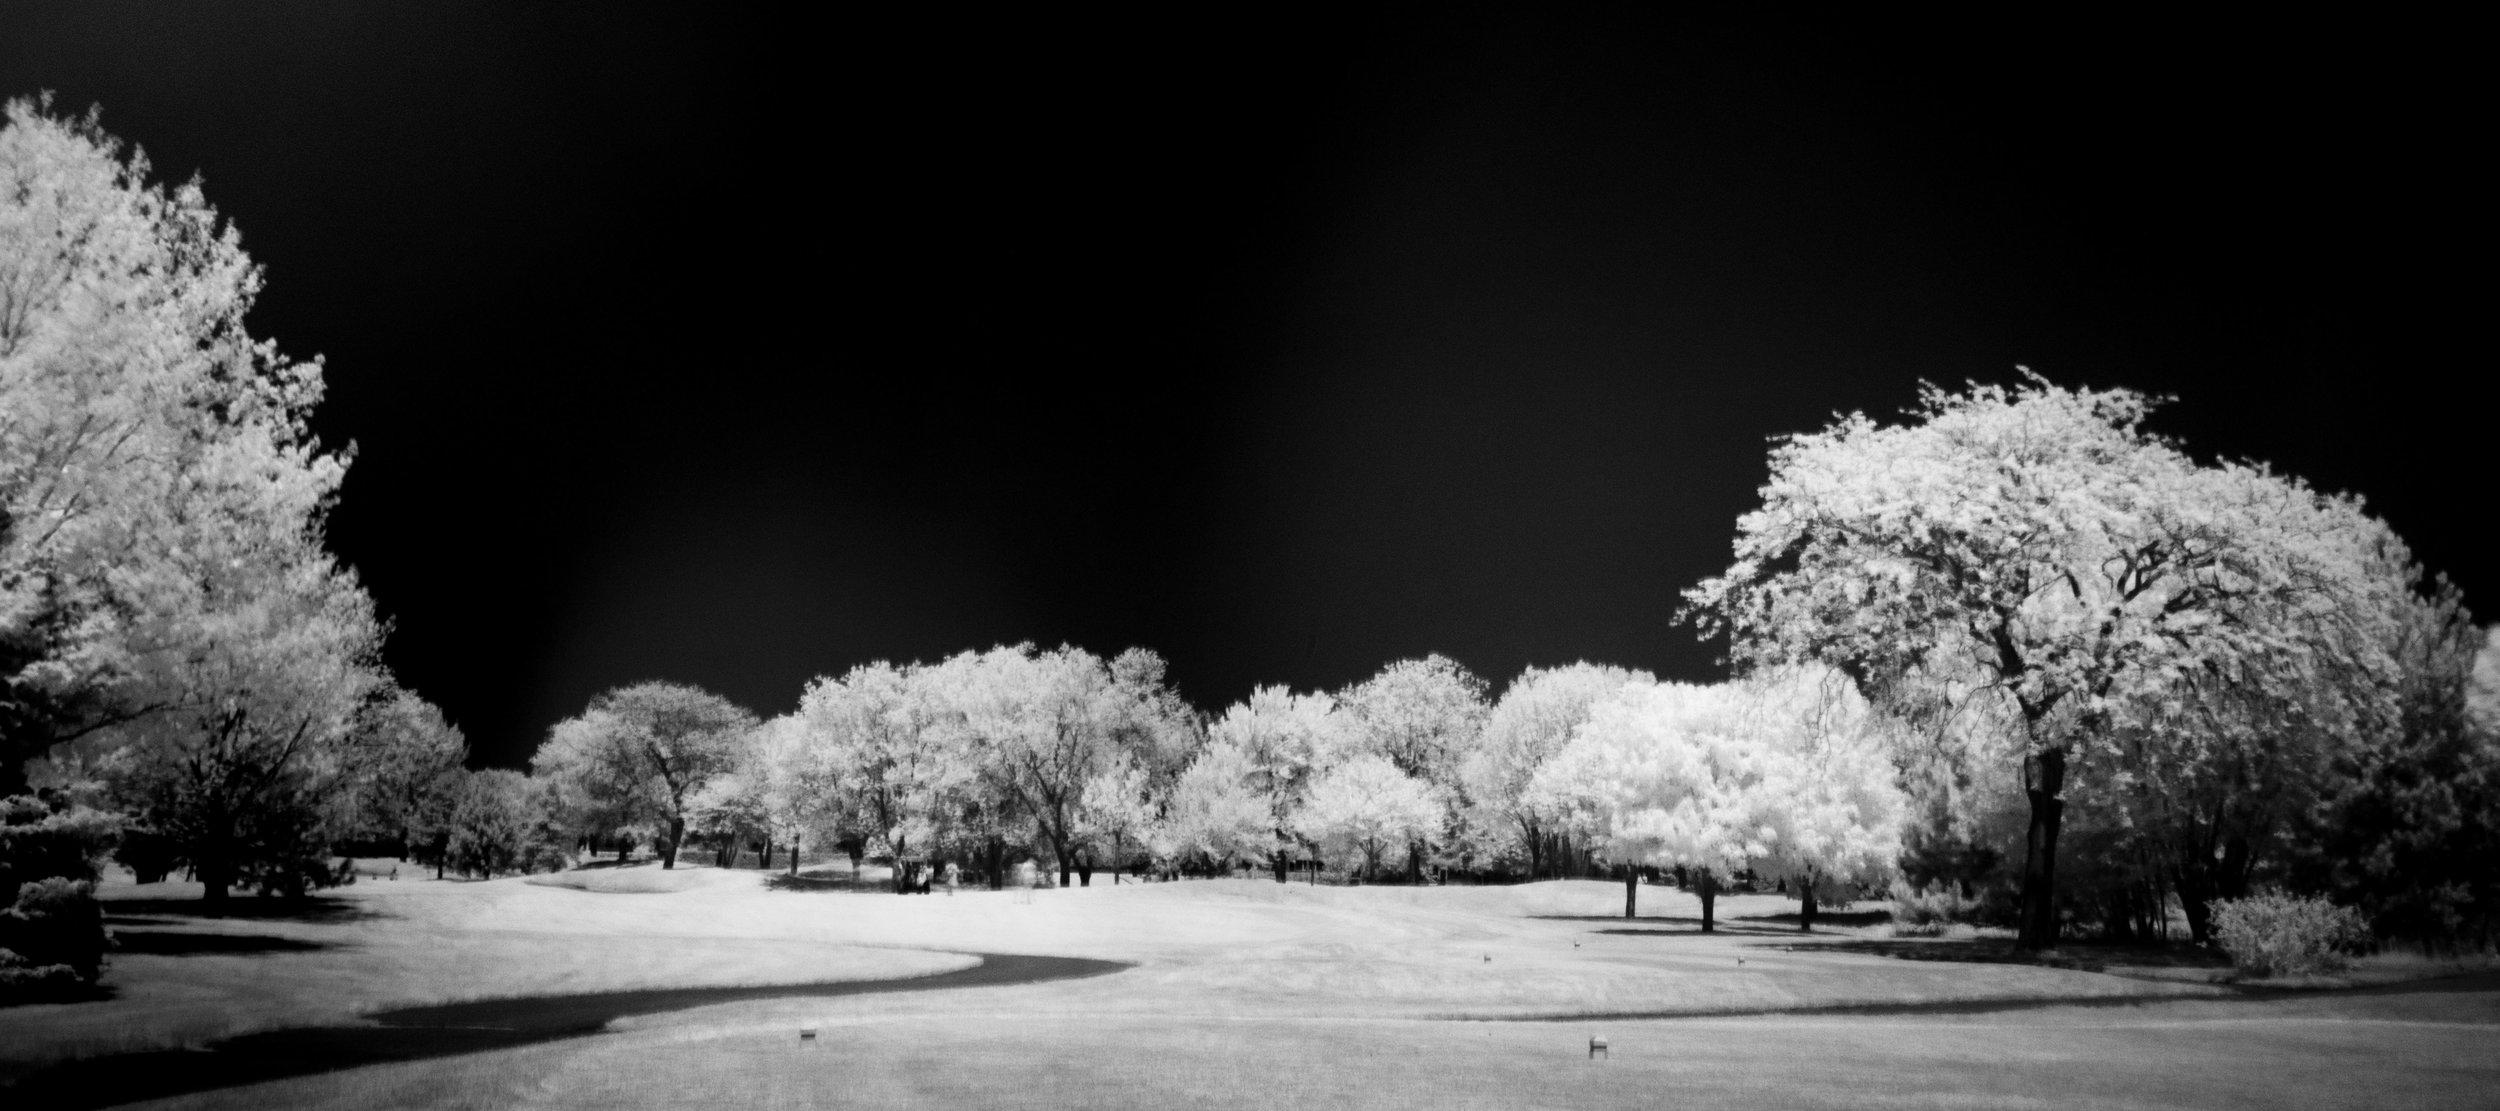 Porter_Photo_Infrared-9.jpg